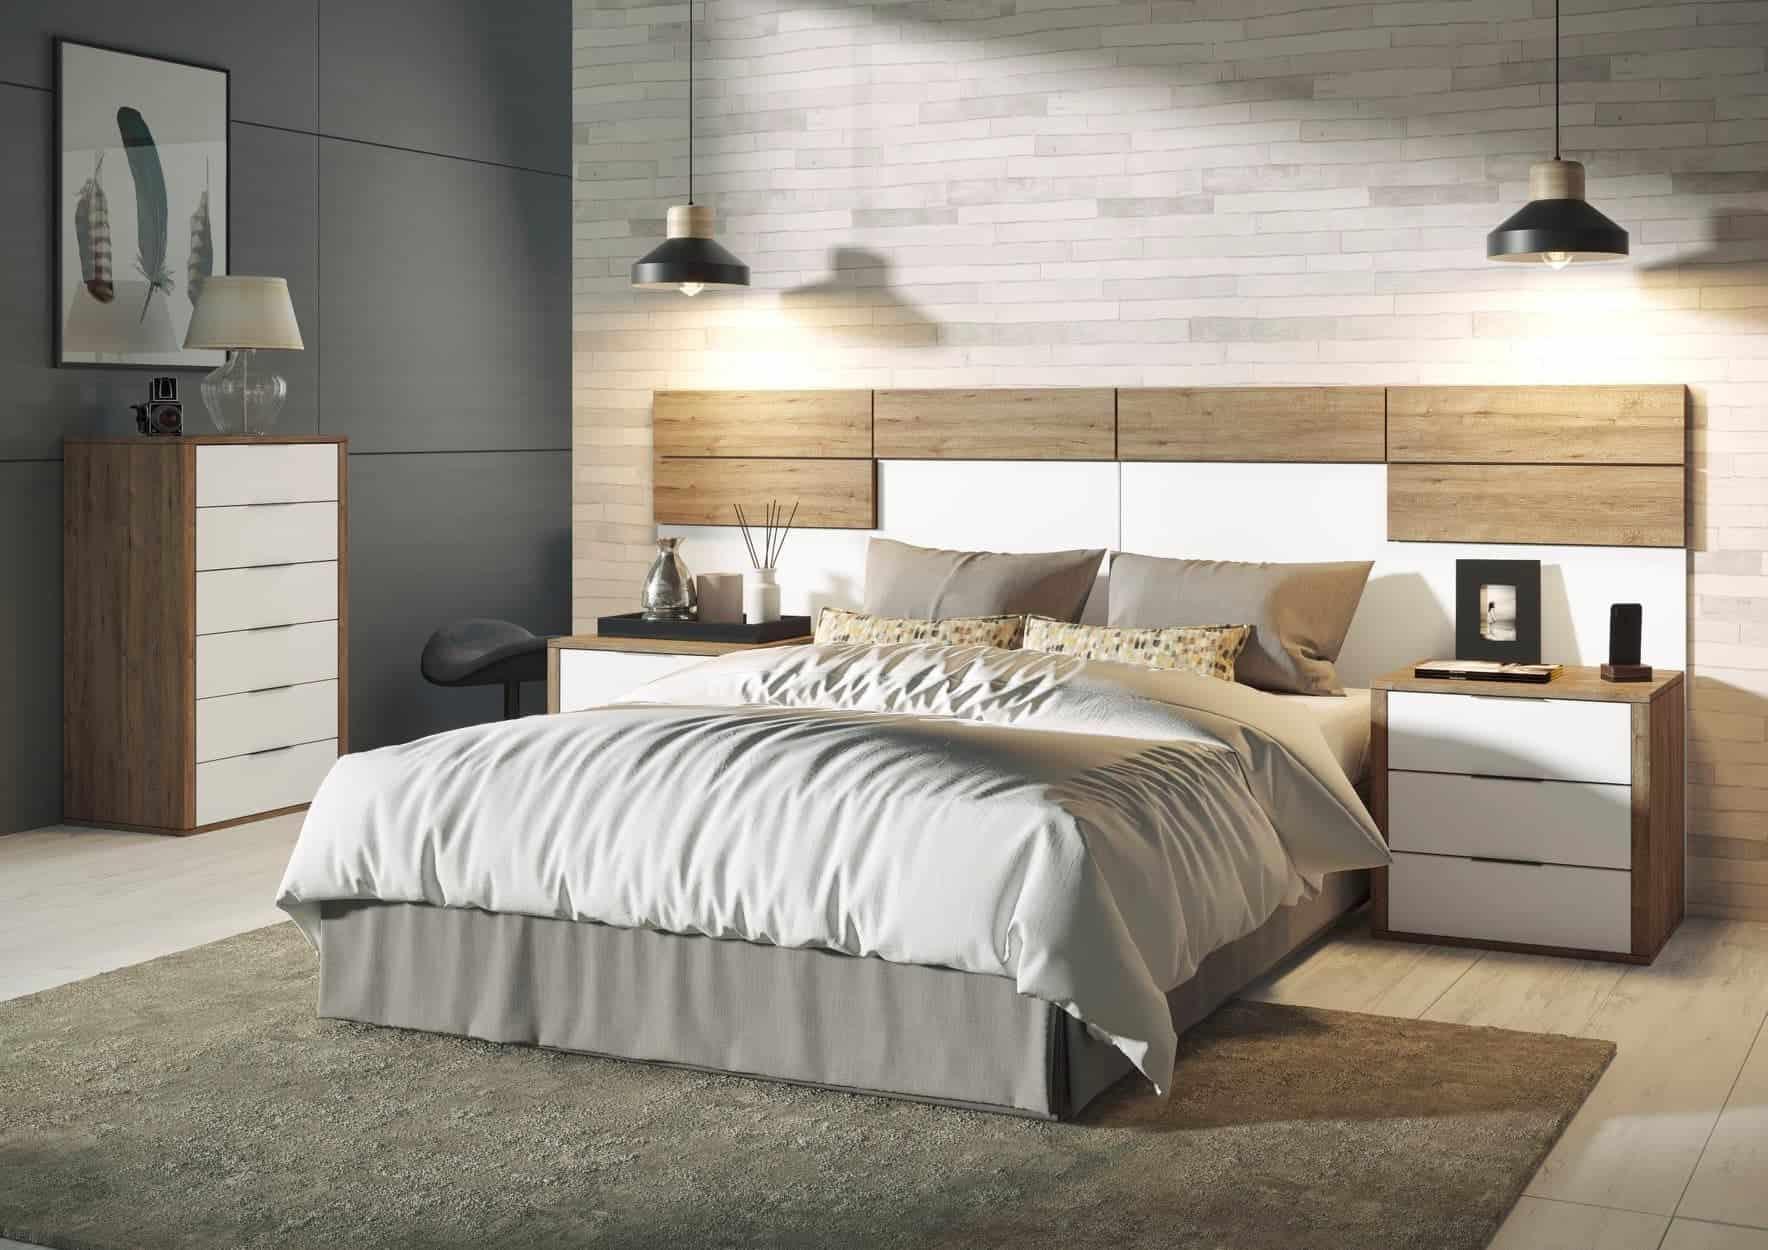 Dormitorio con mesitas y sinfonier